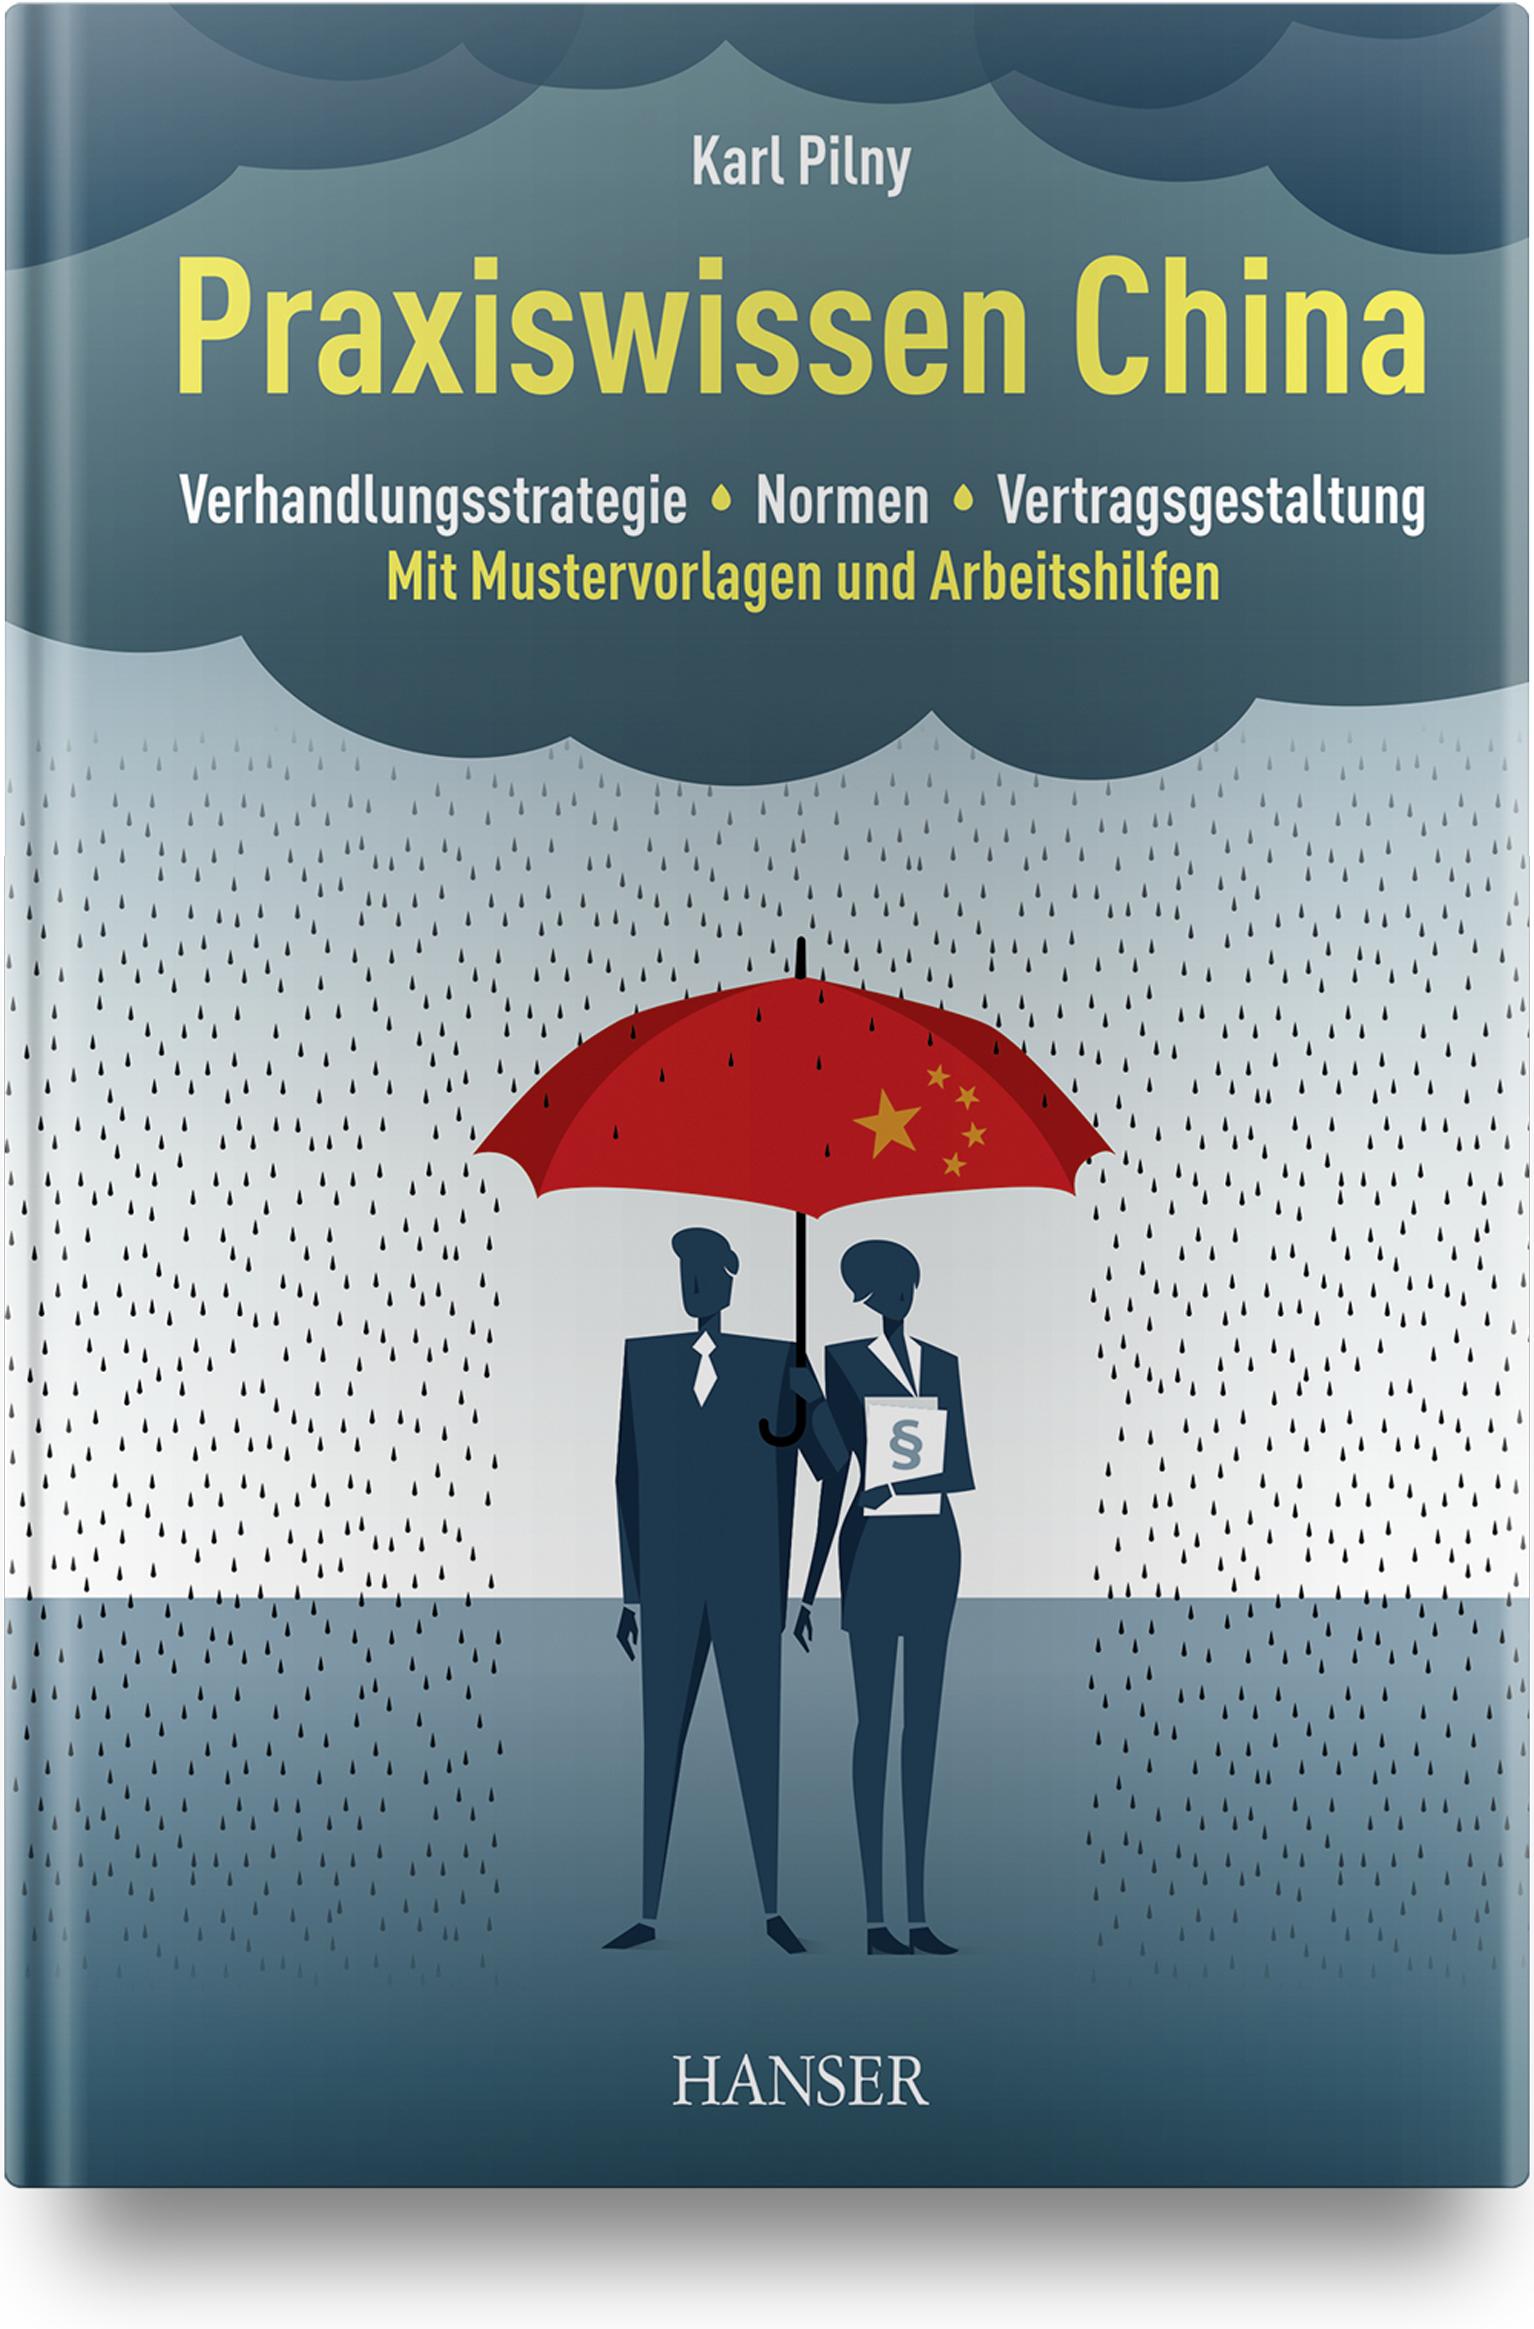 Pilny, Praxiswissen China, 978-3-446-46479-7